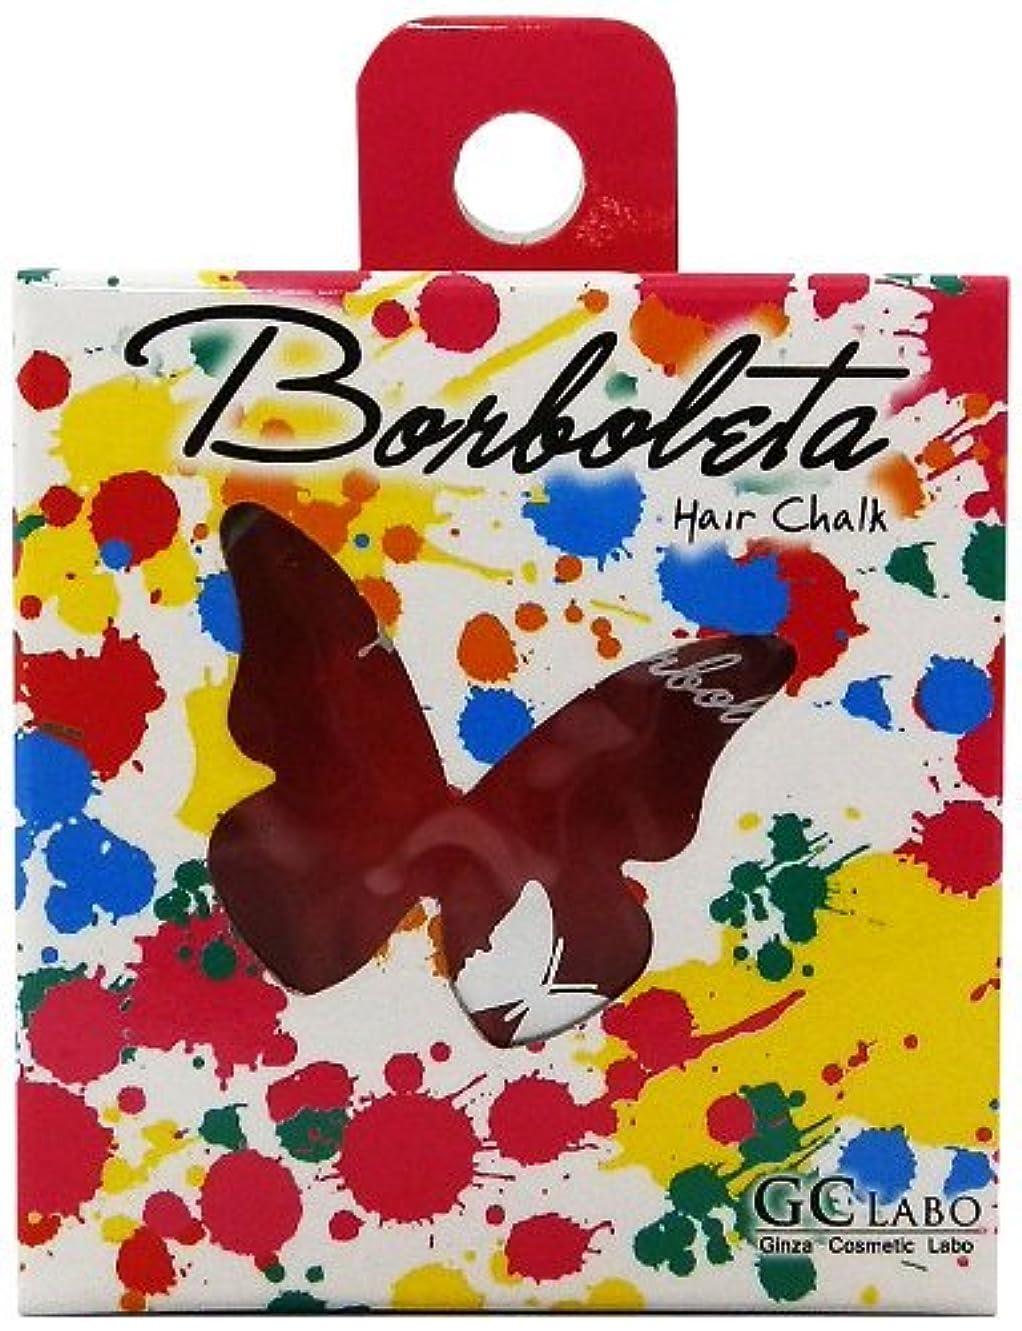 モールドキュメンタリードアMADE IN JAPAN Borboleta ヘアチョーク(全8色) ヘアーチョーク ヘアーカラー (PURPLE)